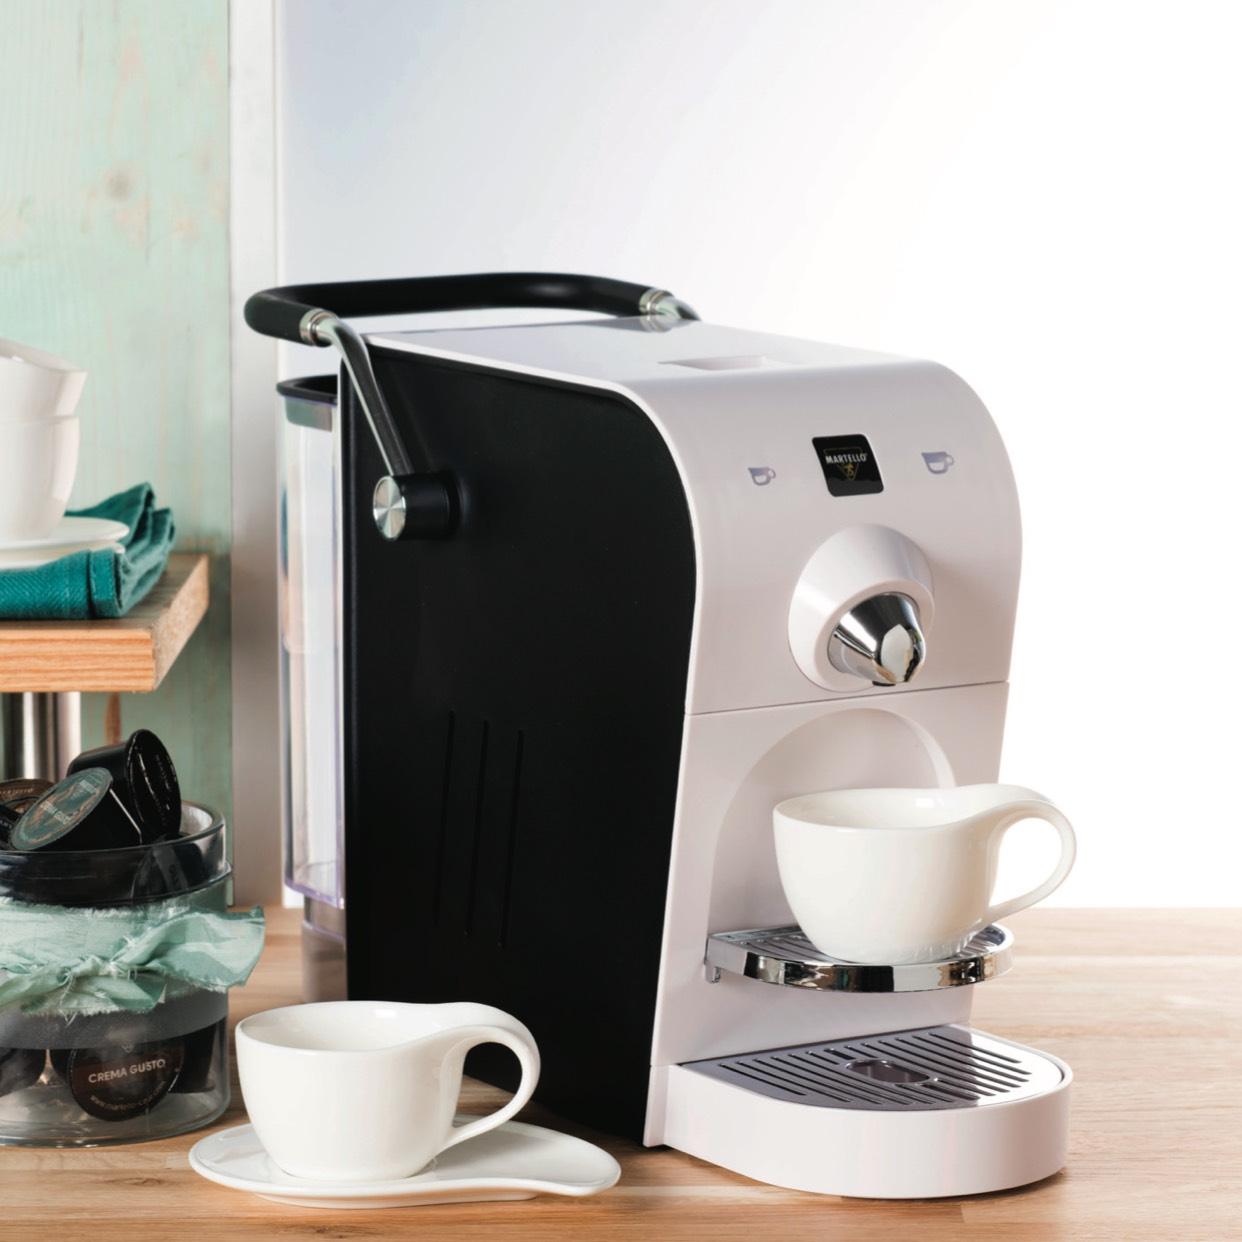 [Hofer] MARTELLO CAFE  Kapselmaschine Chic (10 Kapseln €1,99)